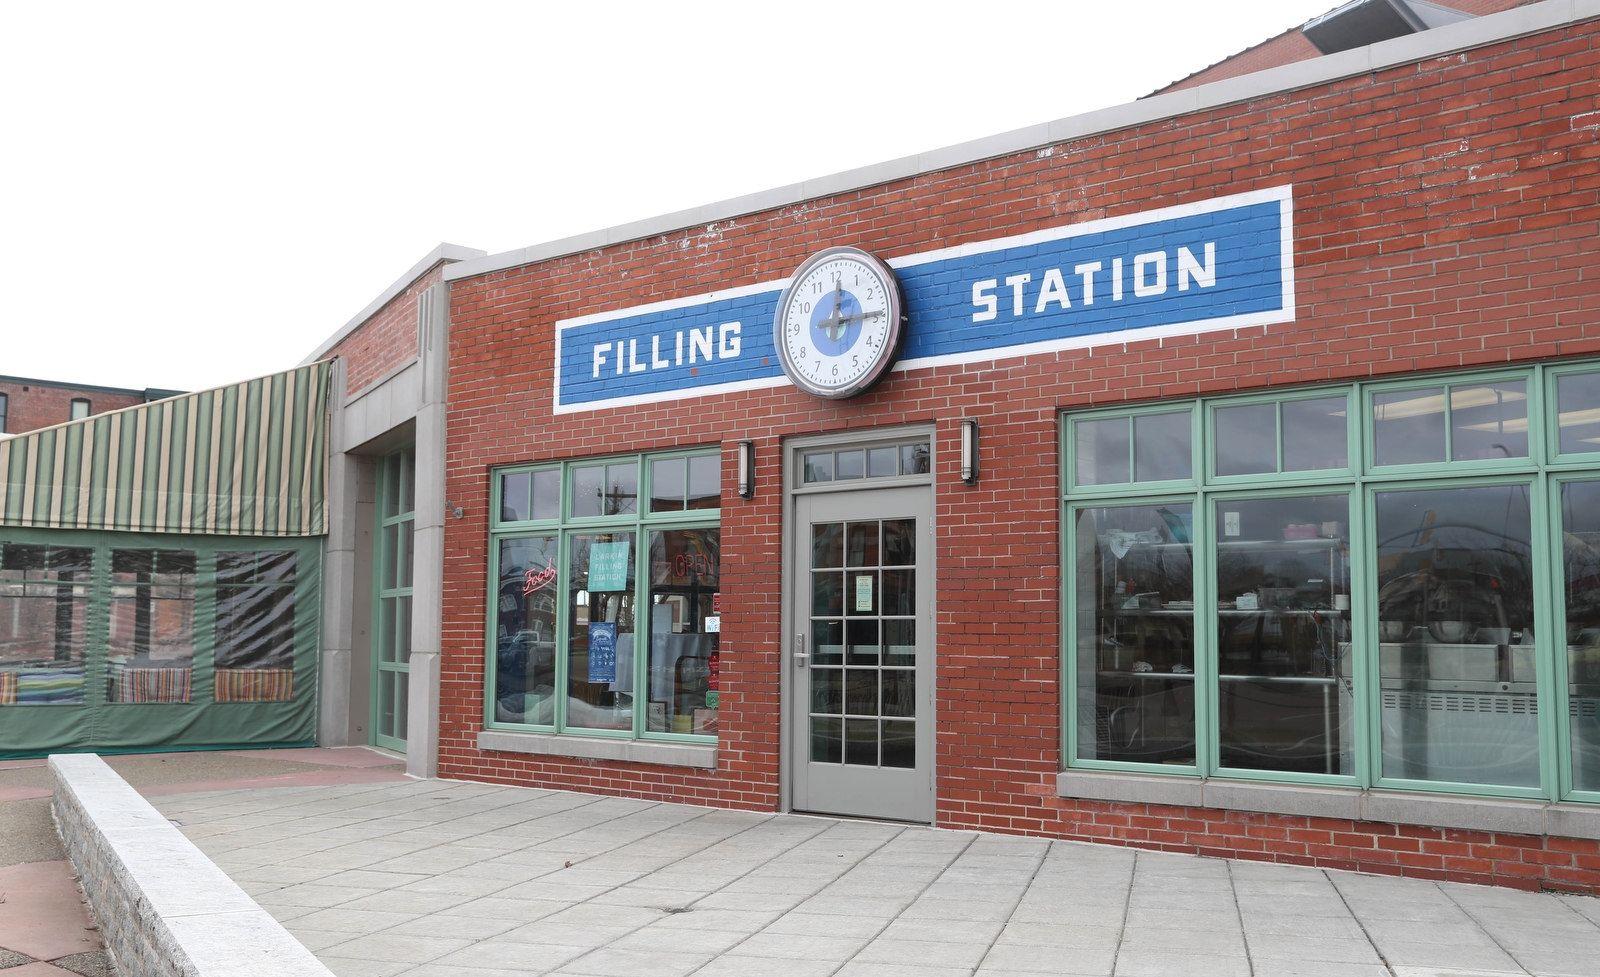 Filling Station is at 745 Seneca St.